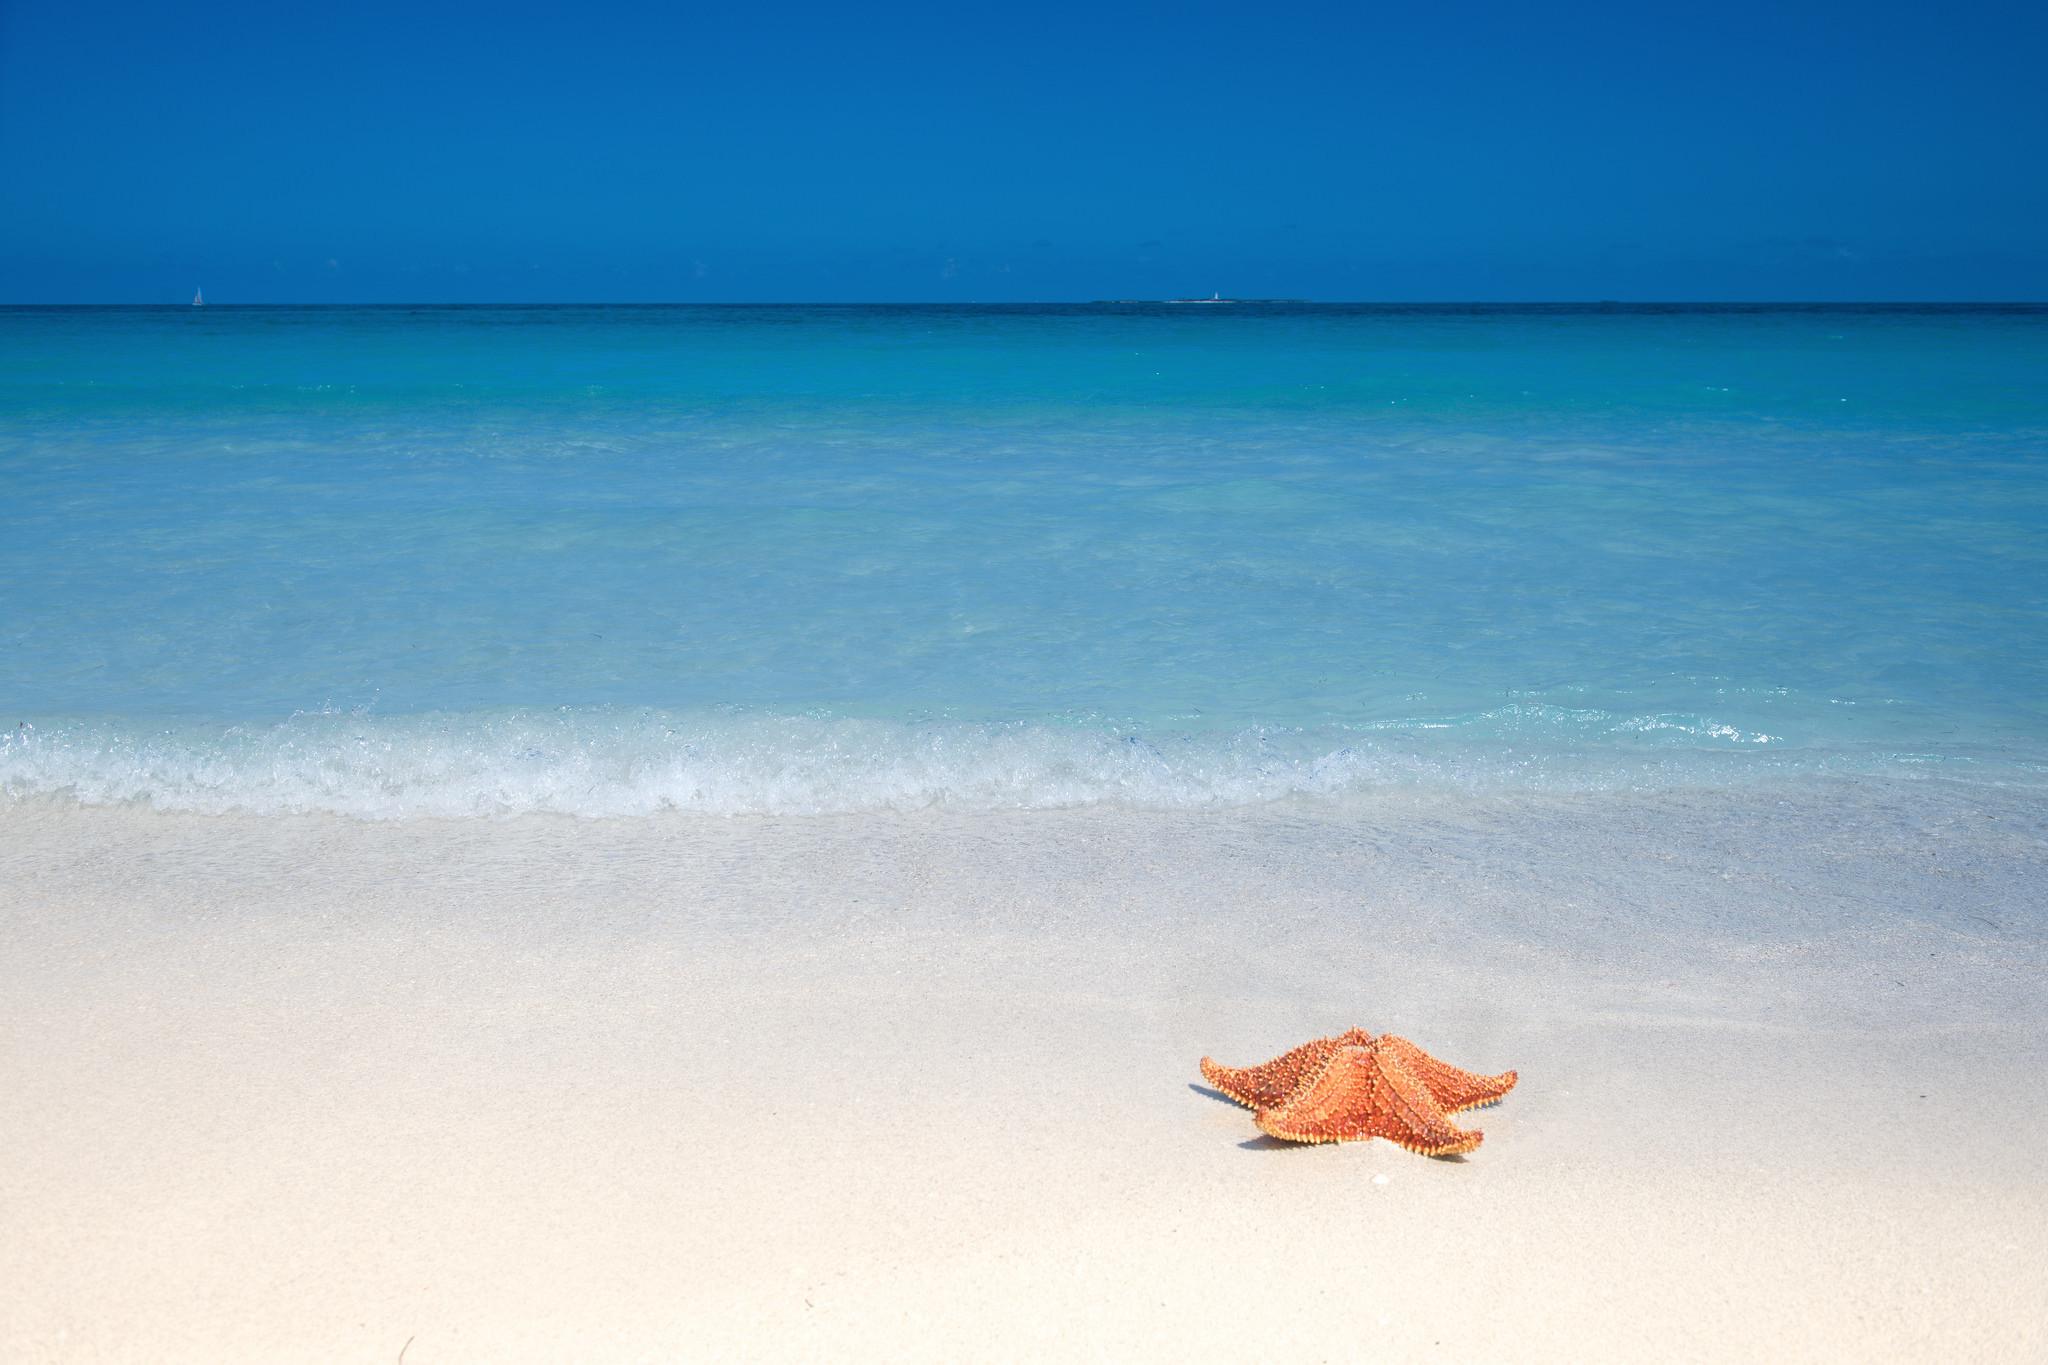 фото фотообои море пляж морская звезда наличии